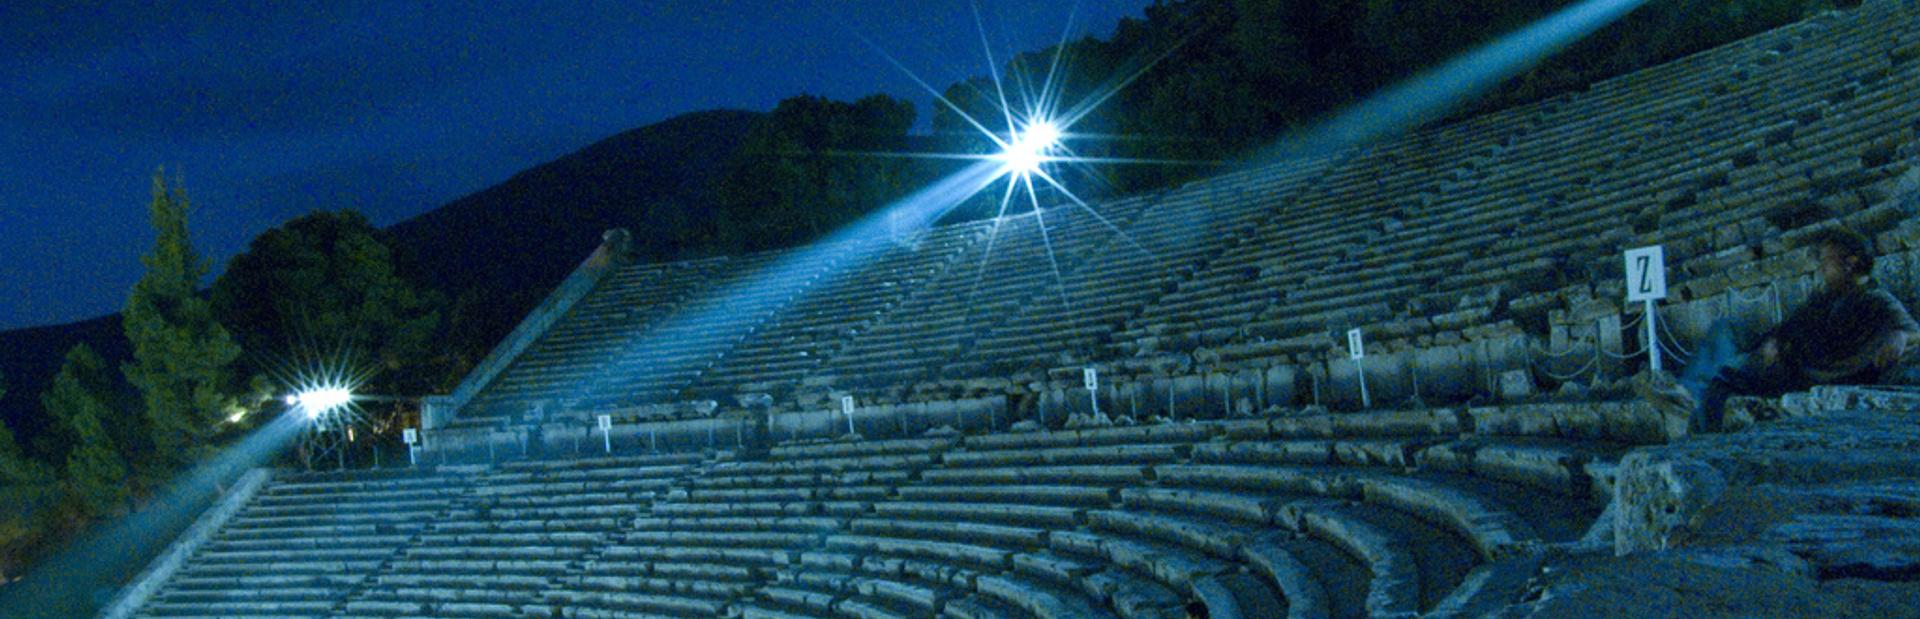 Epidavros news photo